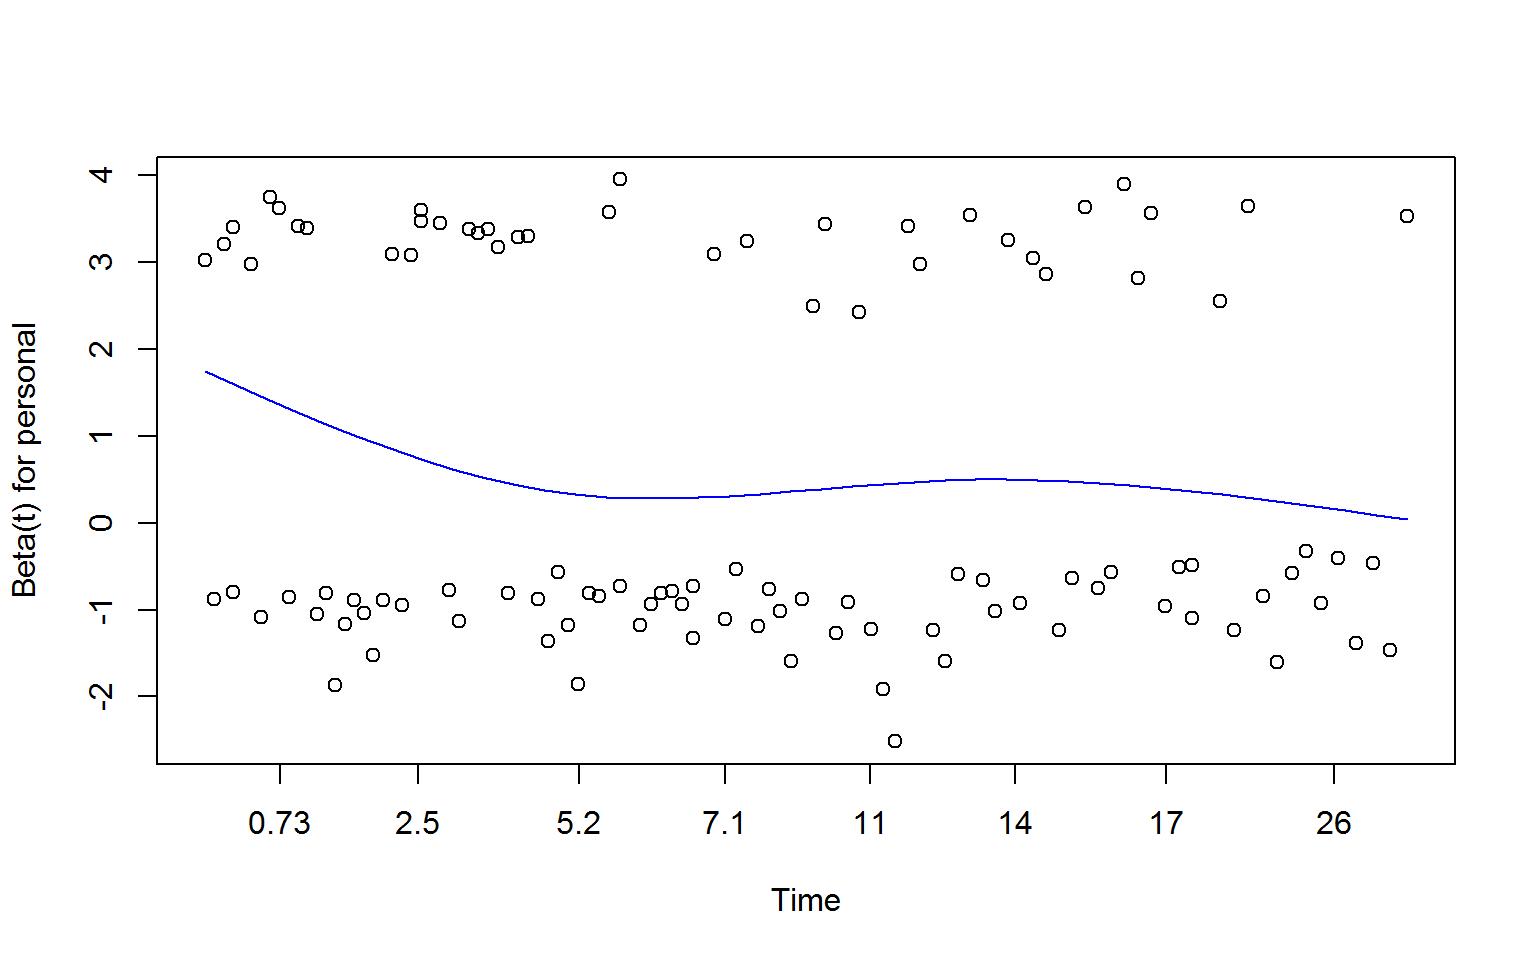 Image ch15_Figure-15.5-schoenfeld-residuals-coxzph-1